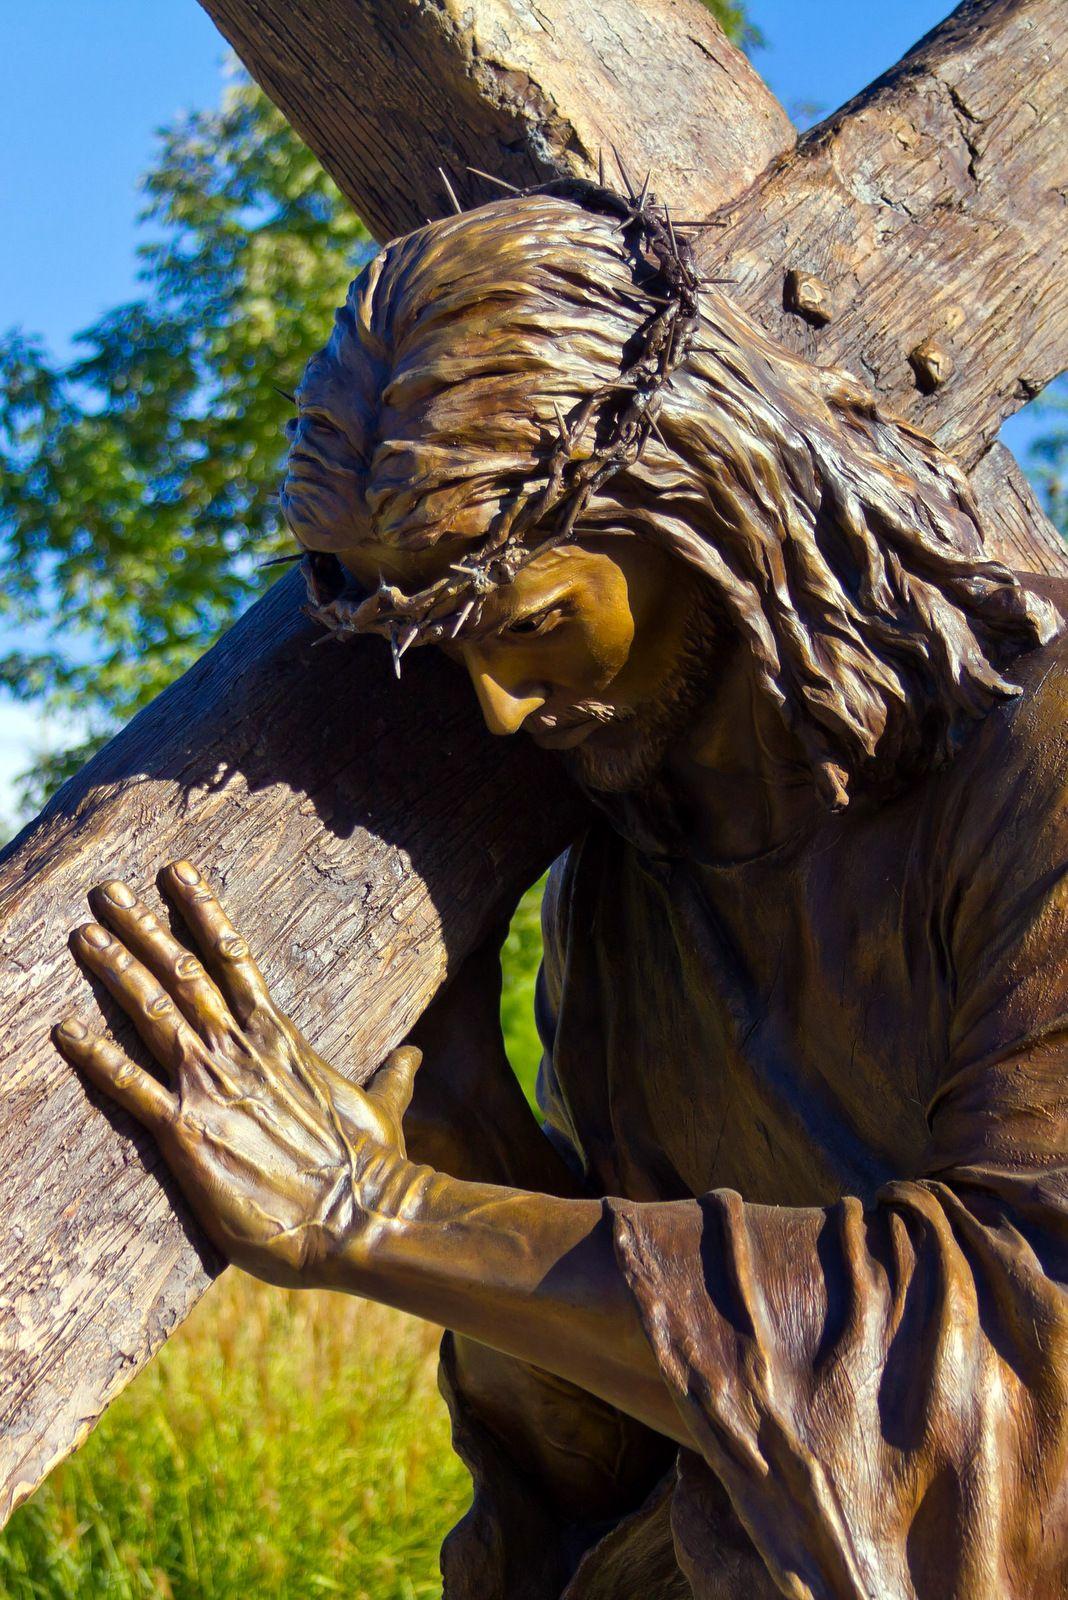 Jesus Carrying Cross Art Sculptures & Statues God